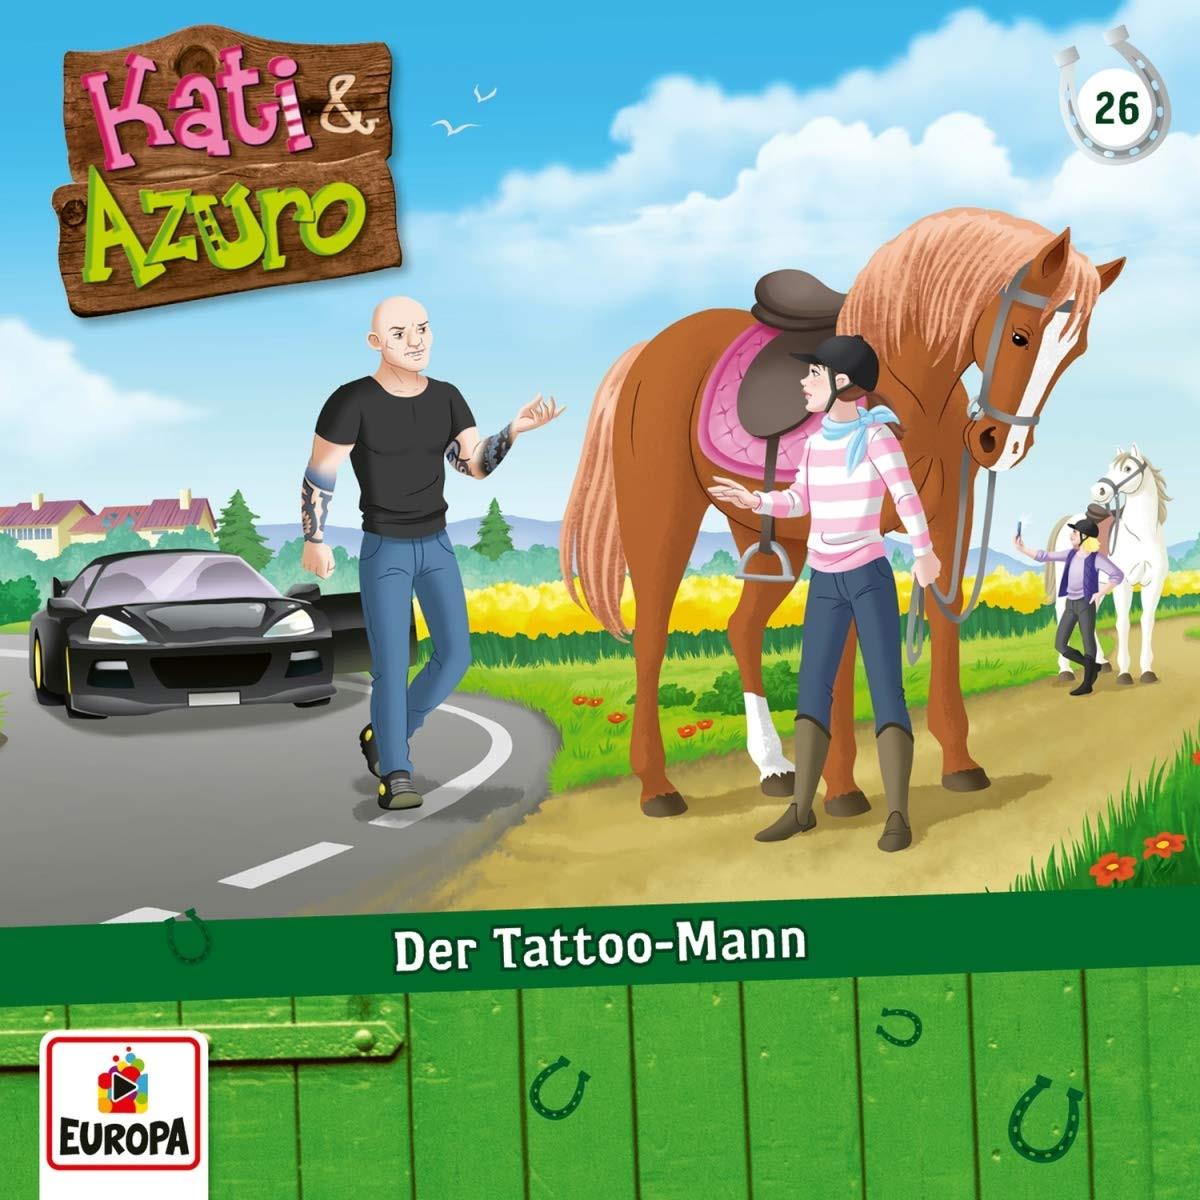 Kati & Azuro - Folge 26: Der Tattoo-Mann